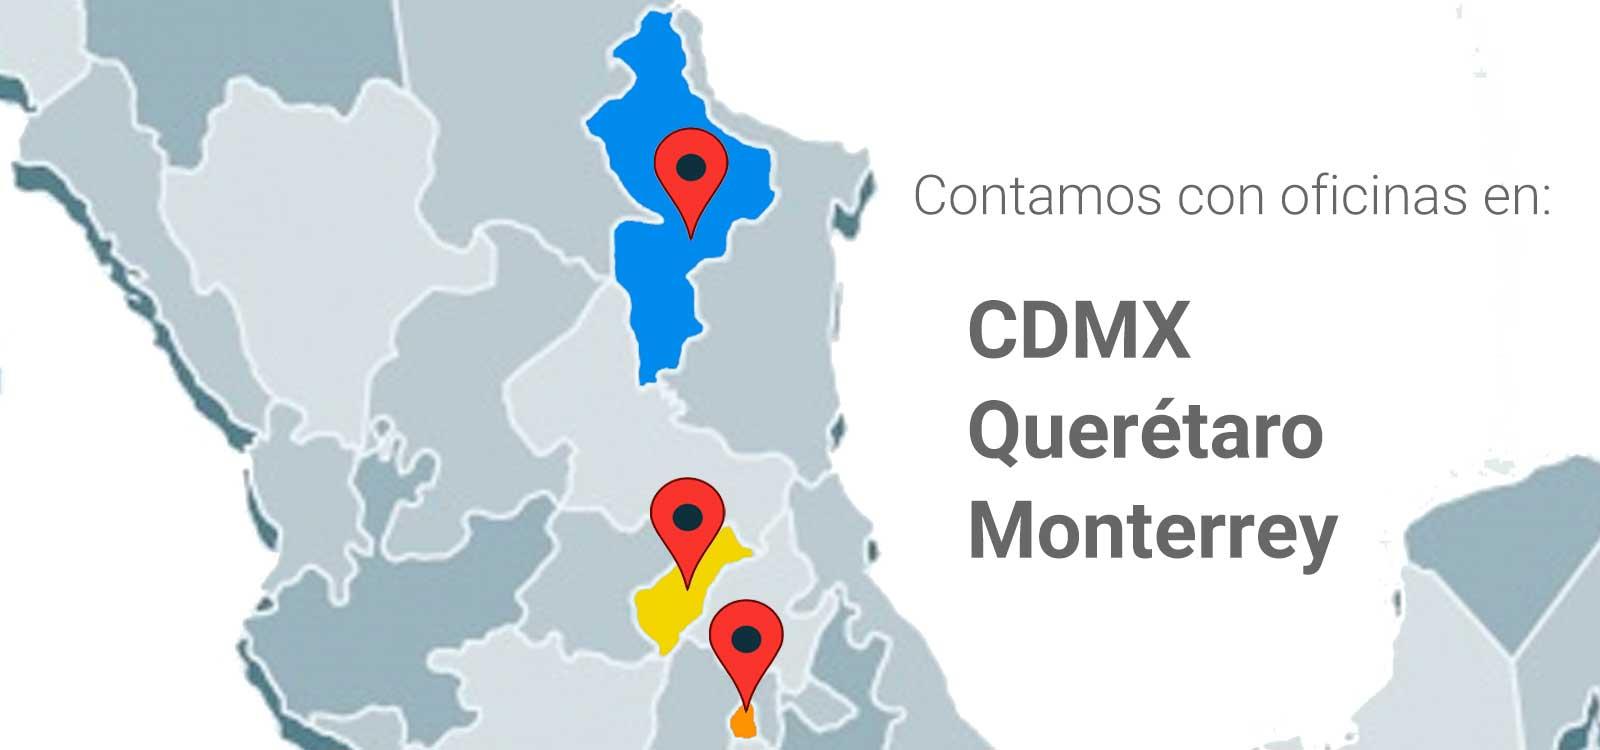 Oficinas en: CDMX, Querétaro y Monterrey